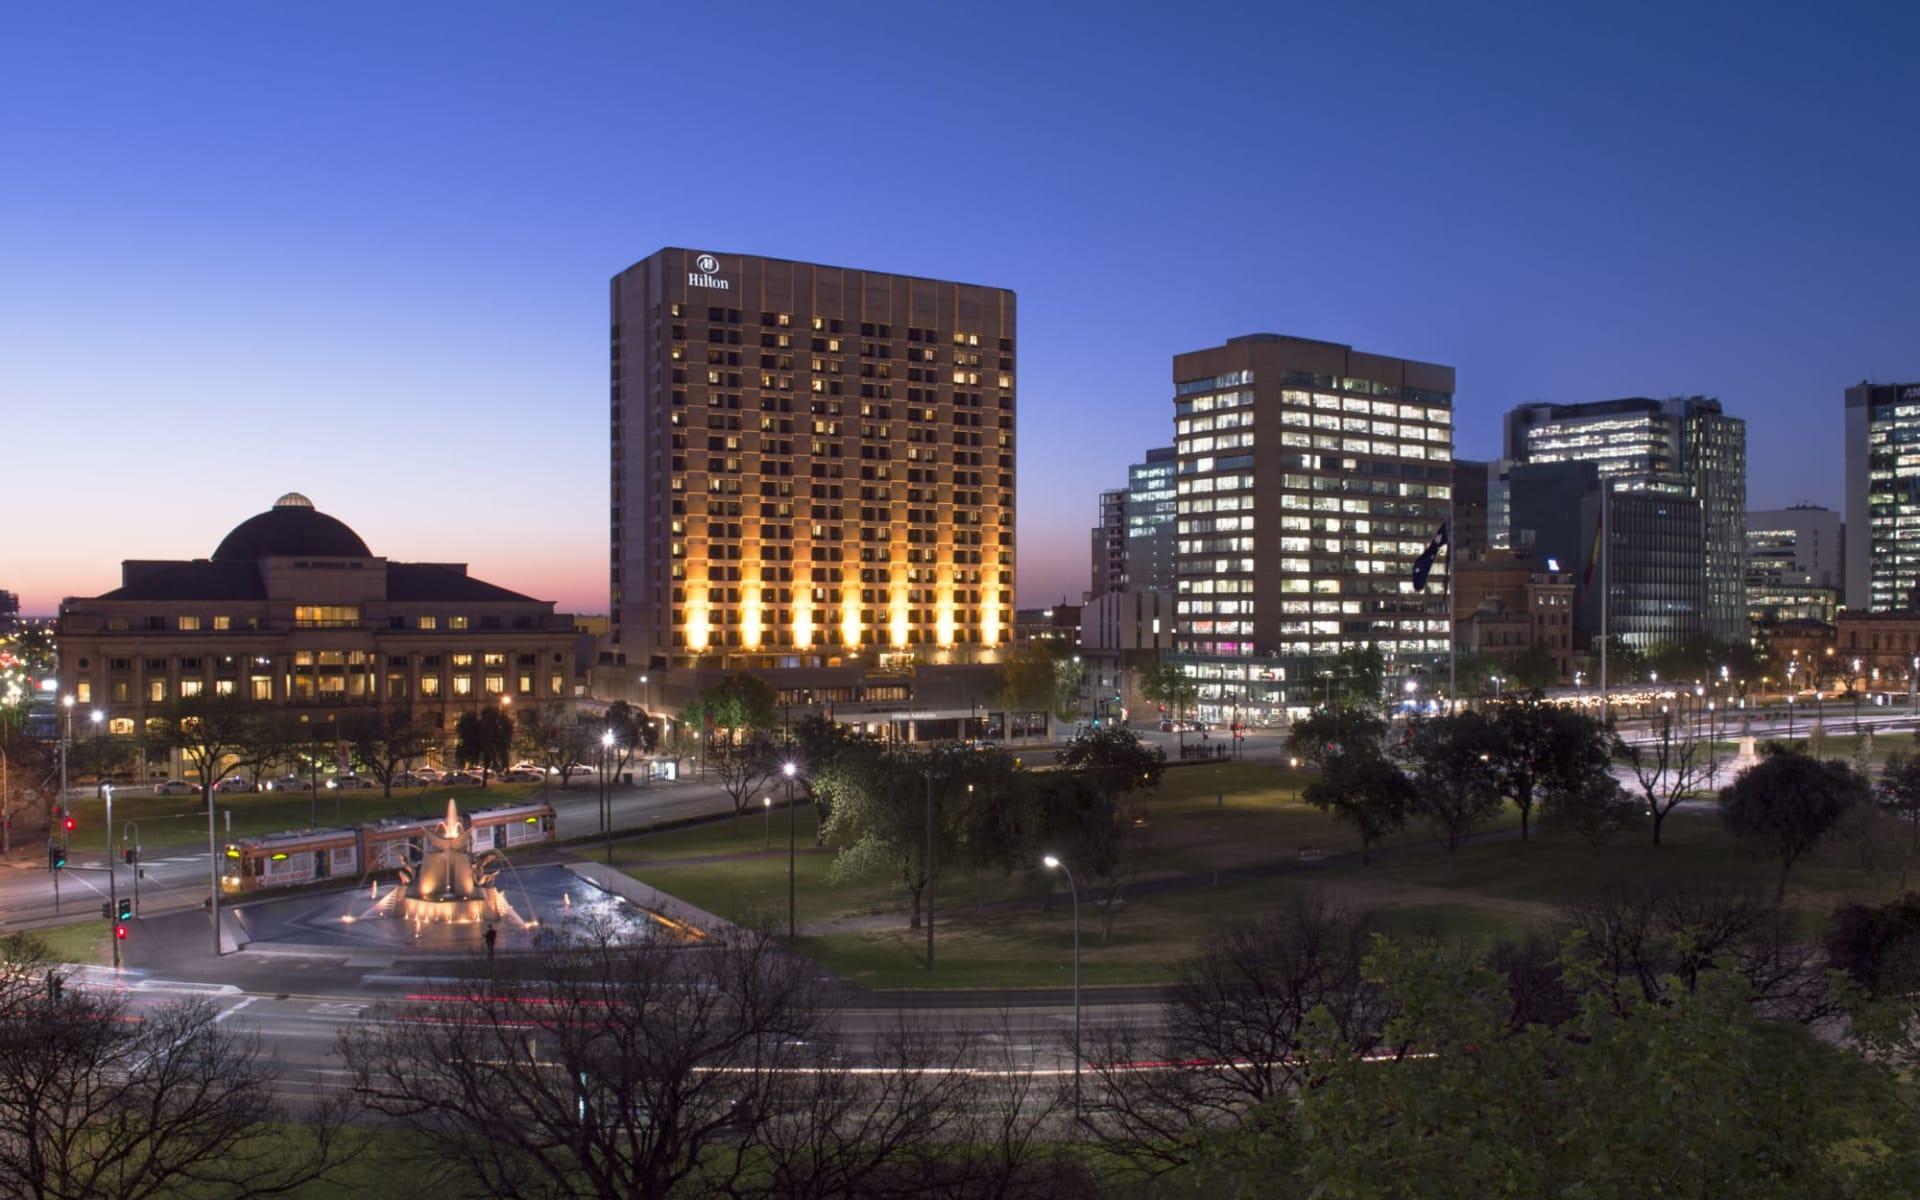 Hilton Adelaide: Hilton Adelaide exterior